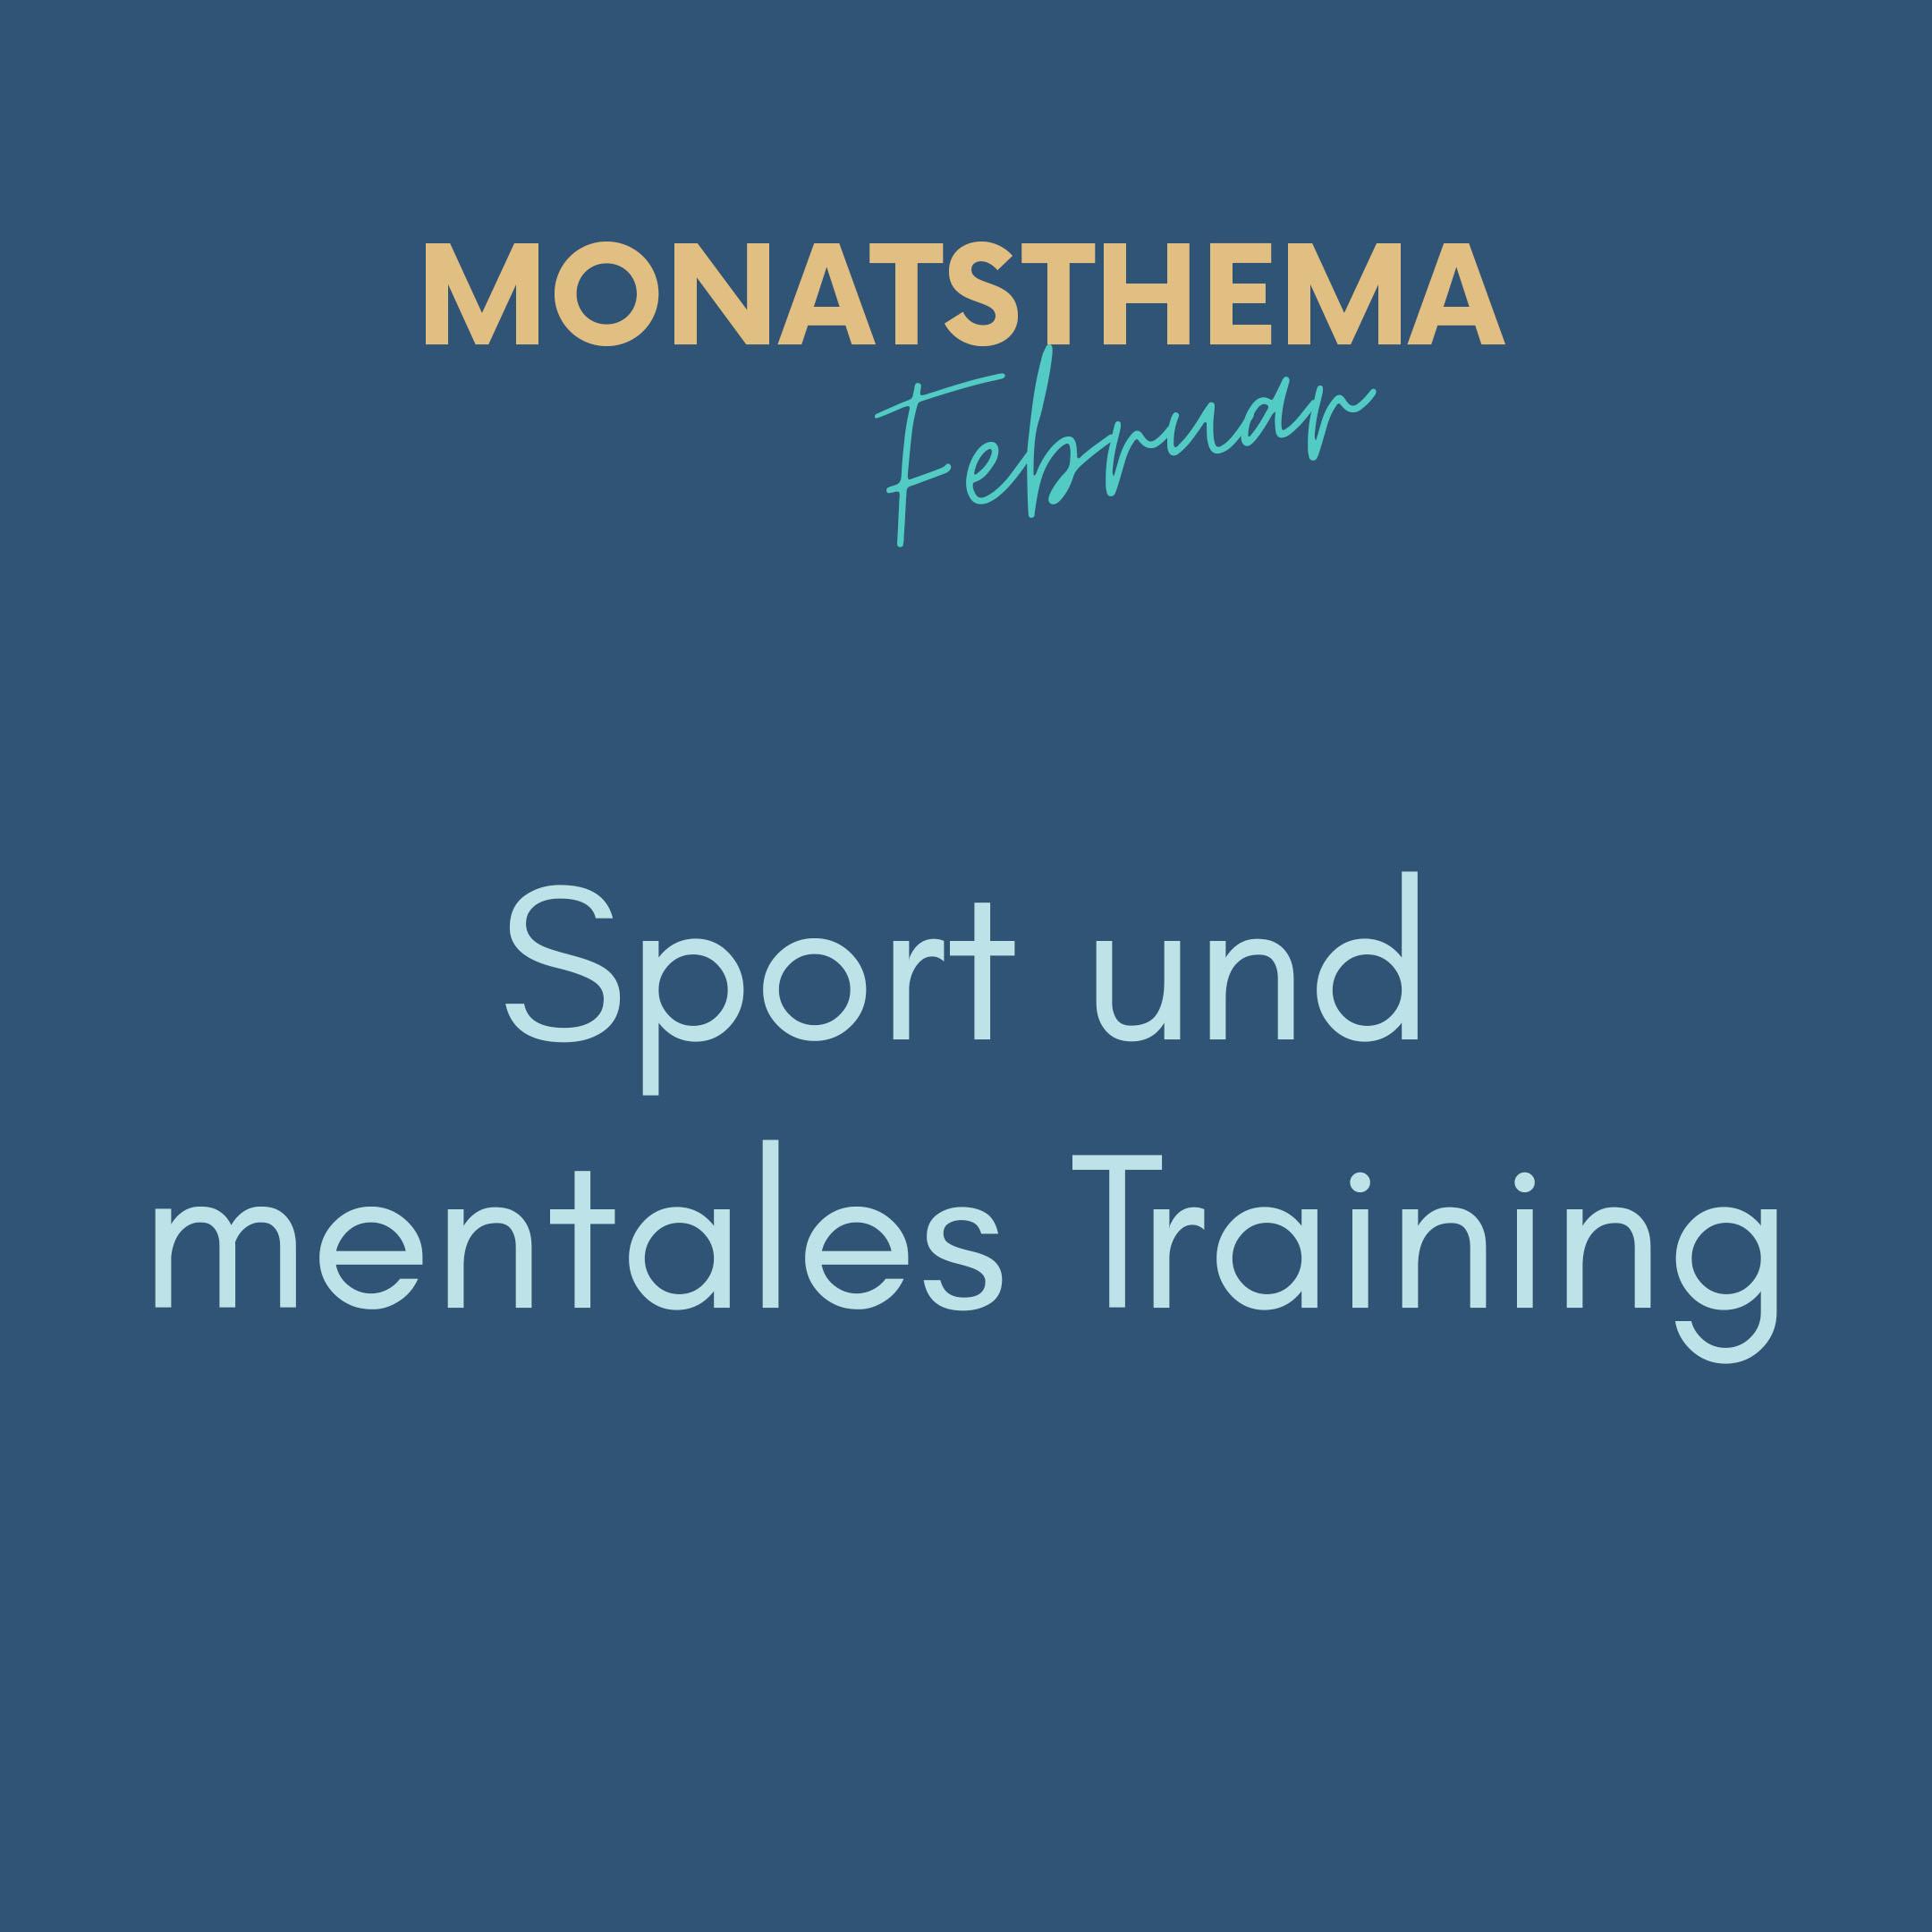 blauer Hintergrund mit Text: Monatsthema Februar, Sport und mentales Training